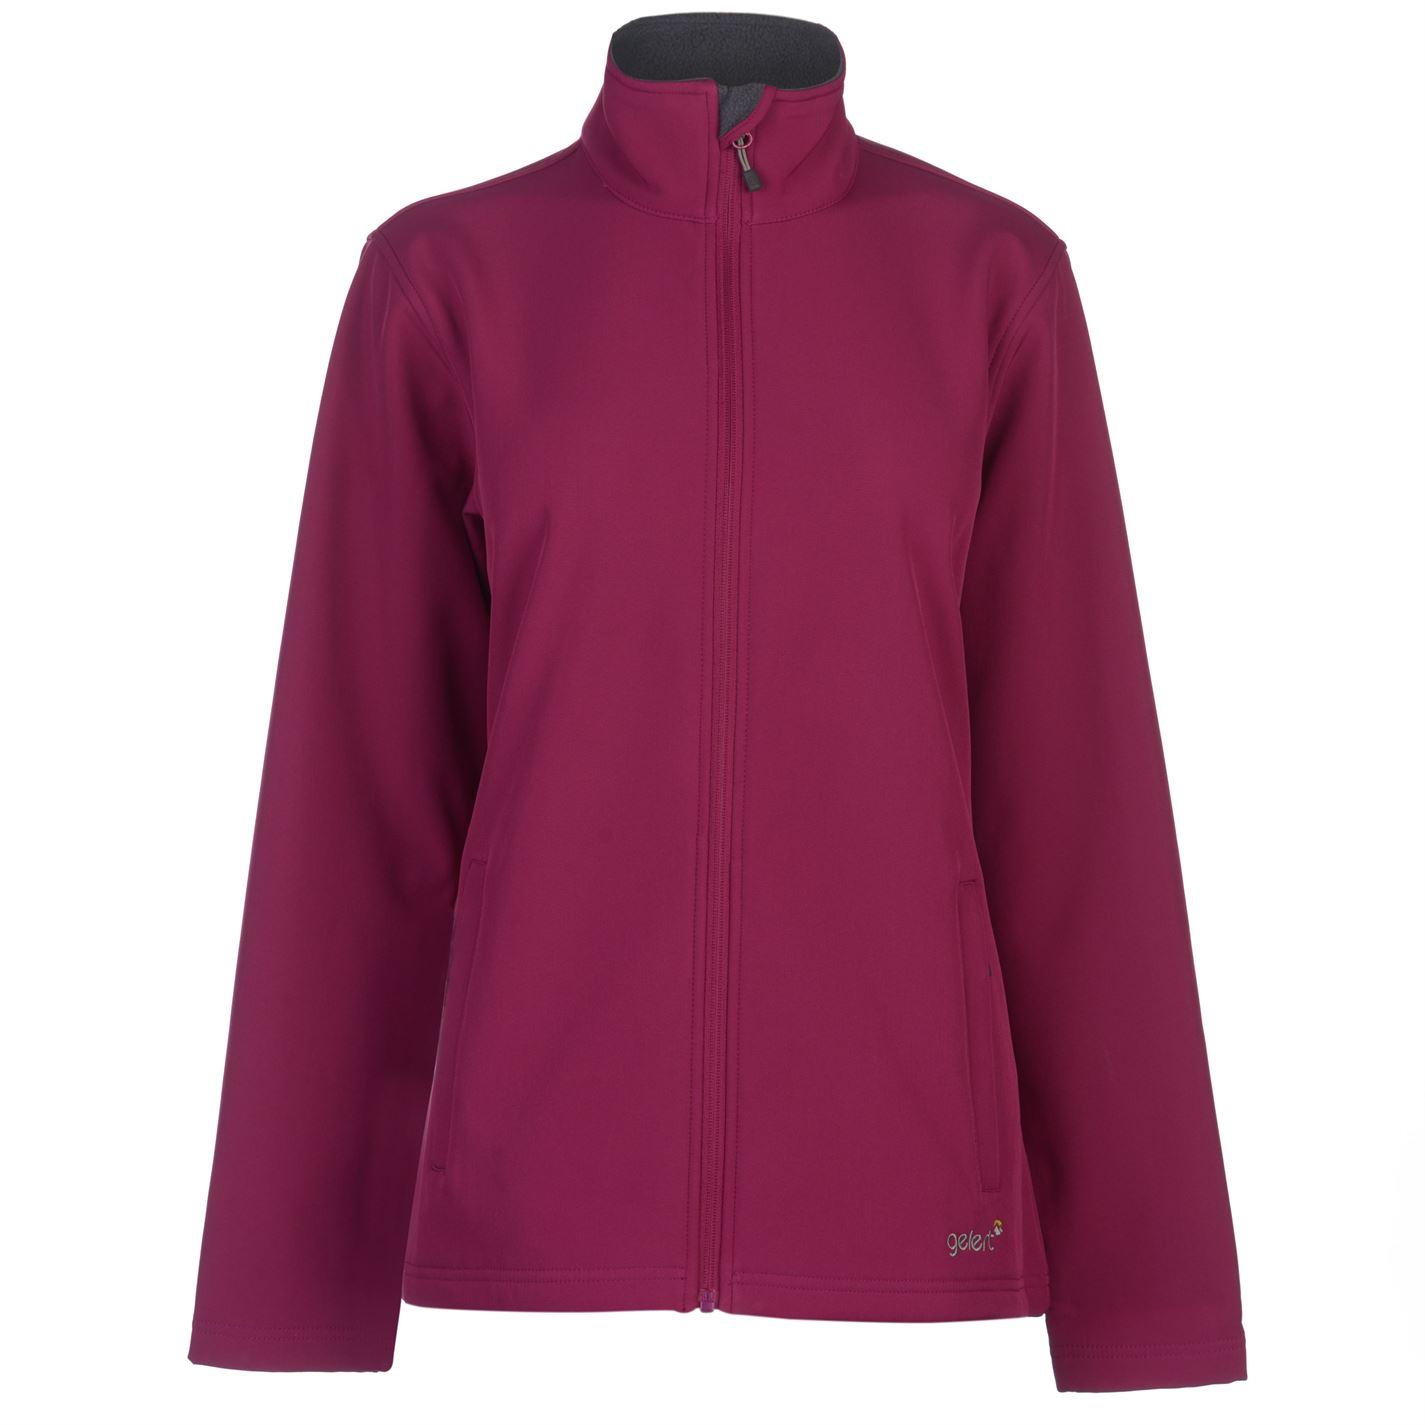 Gelert Softshell Jacket dámské